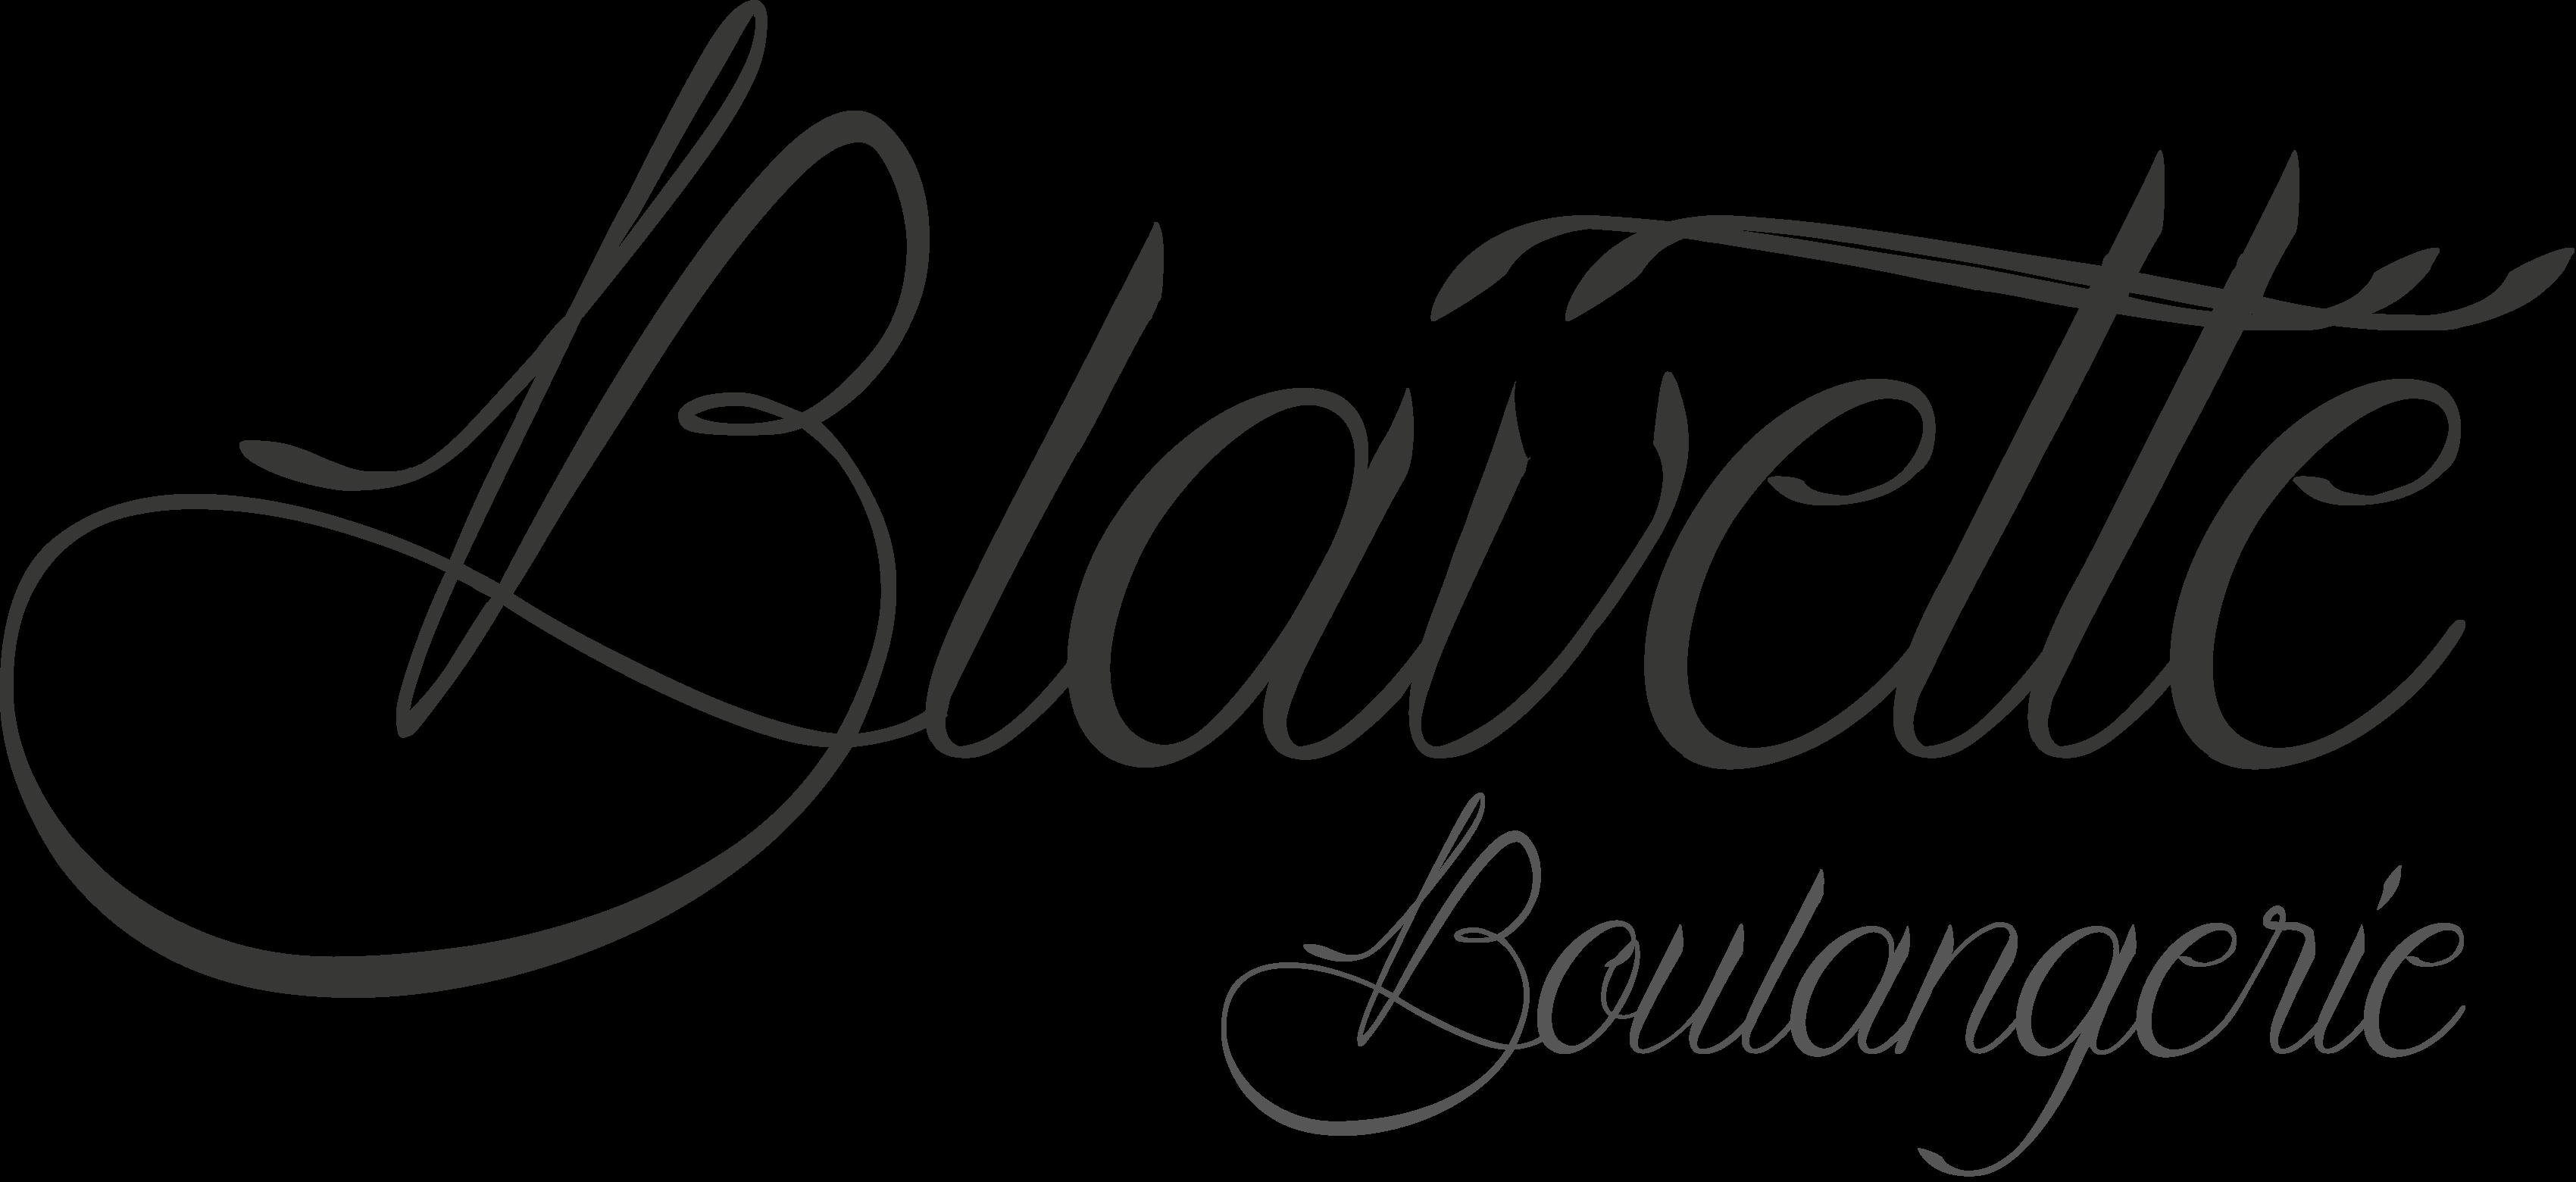 Aurélien & Delphine Blavette | Artisans boulangers